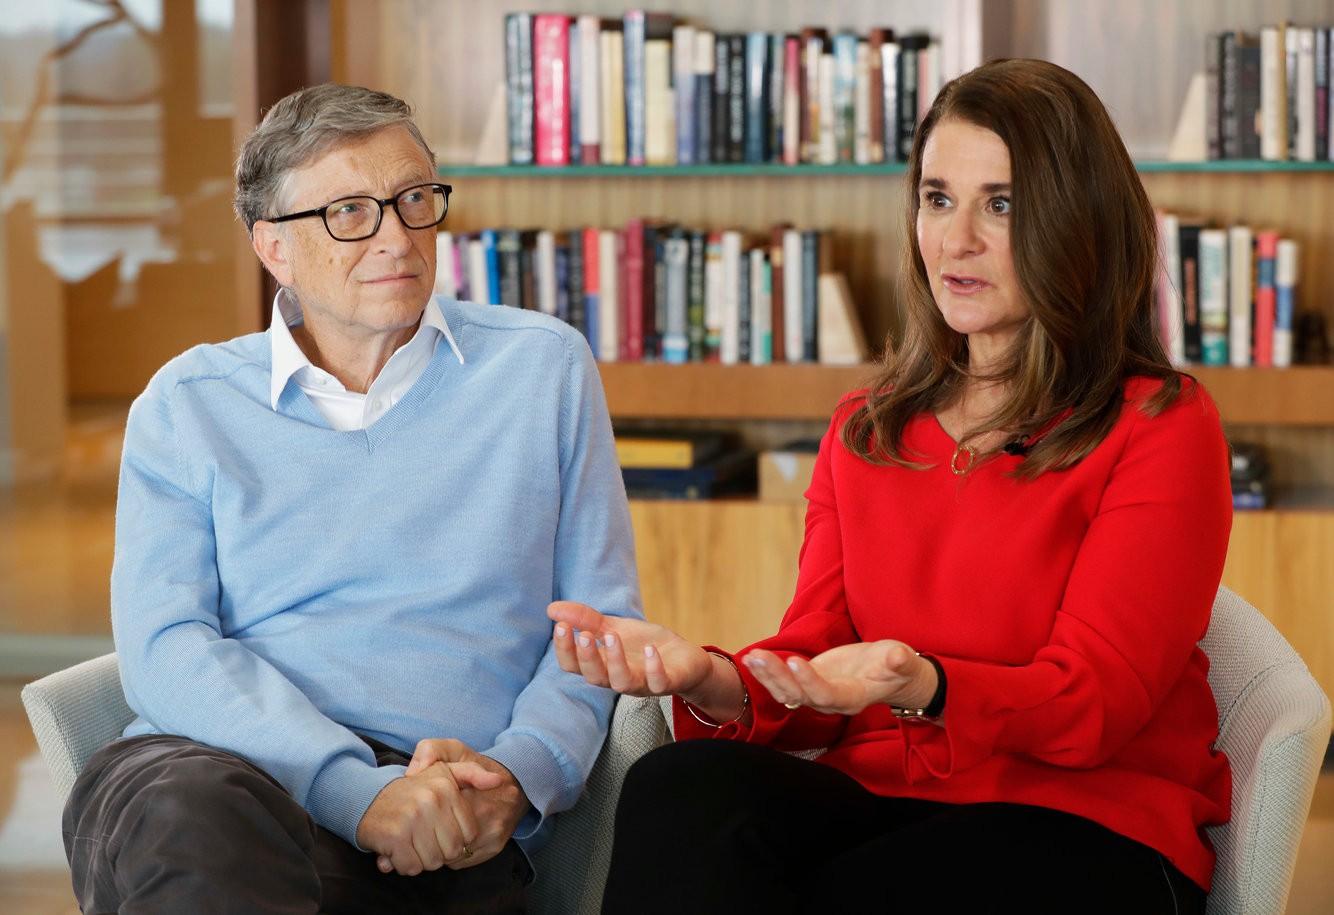 bill gates lại trót 'nghiện' - 3 15439054543361862709237 - Không nghe nhạc và xem TV từ năm 20 tuổi vì tốn thời gian, giờ đây Bill Gates lại trót 'nghiện' làm điều này 3 lần/tuần